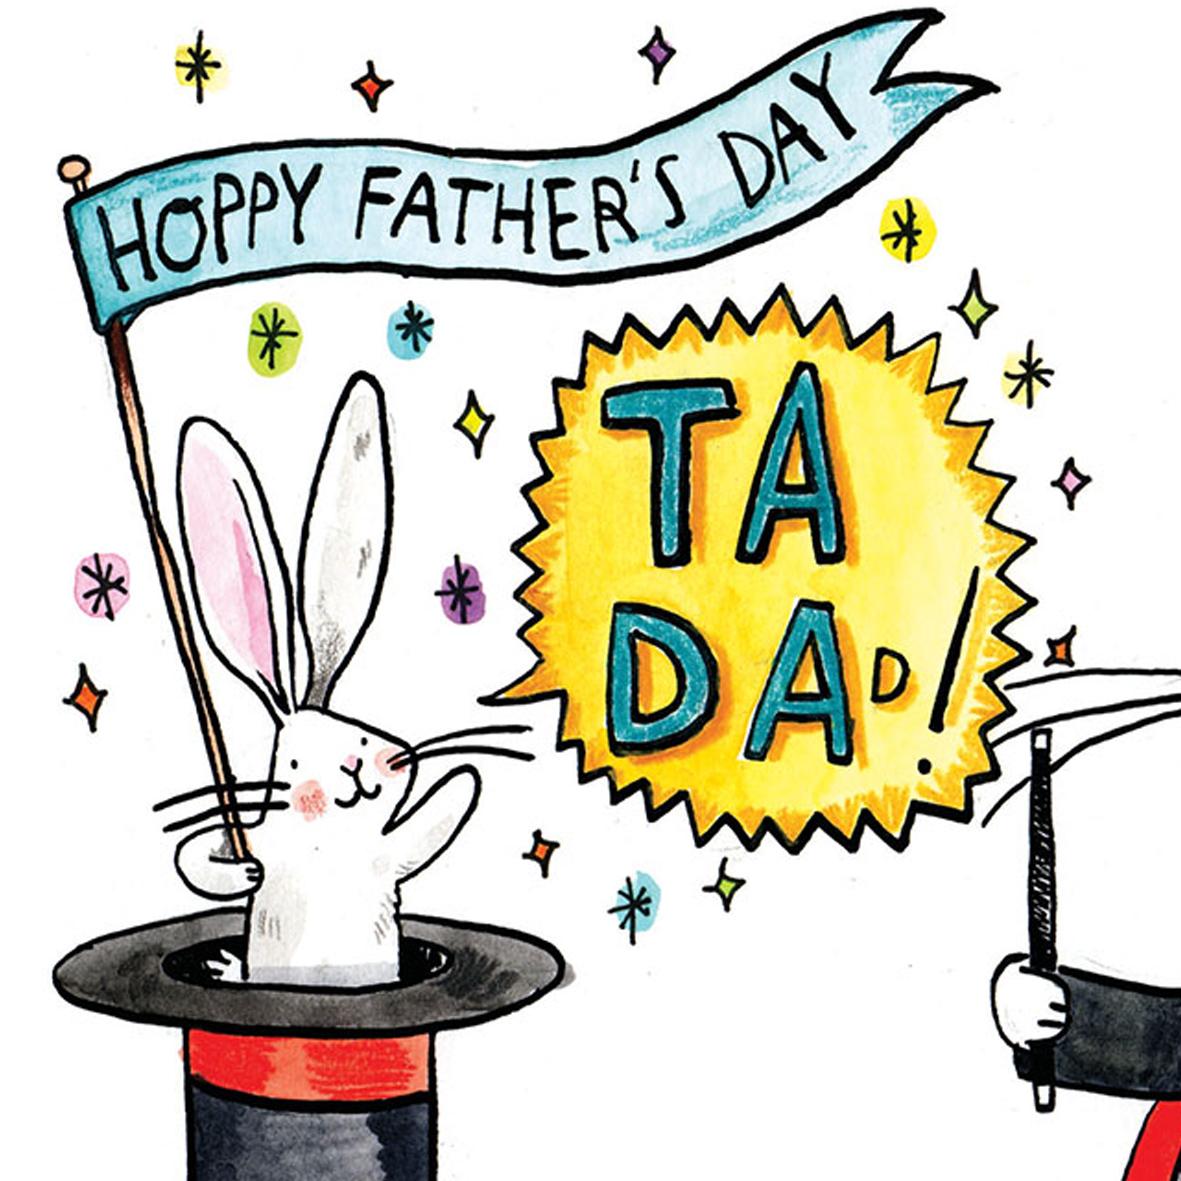 Ta-Da-Magic_-Fathers-Day-card-with-magic-theme-and-rabbit-base-down_FD15_CU